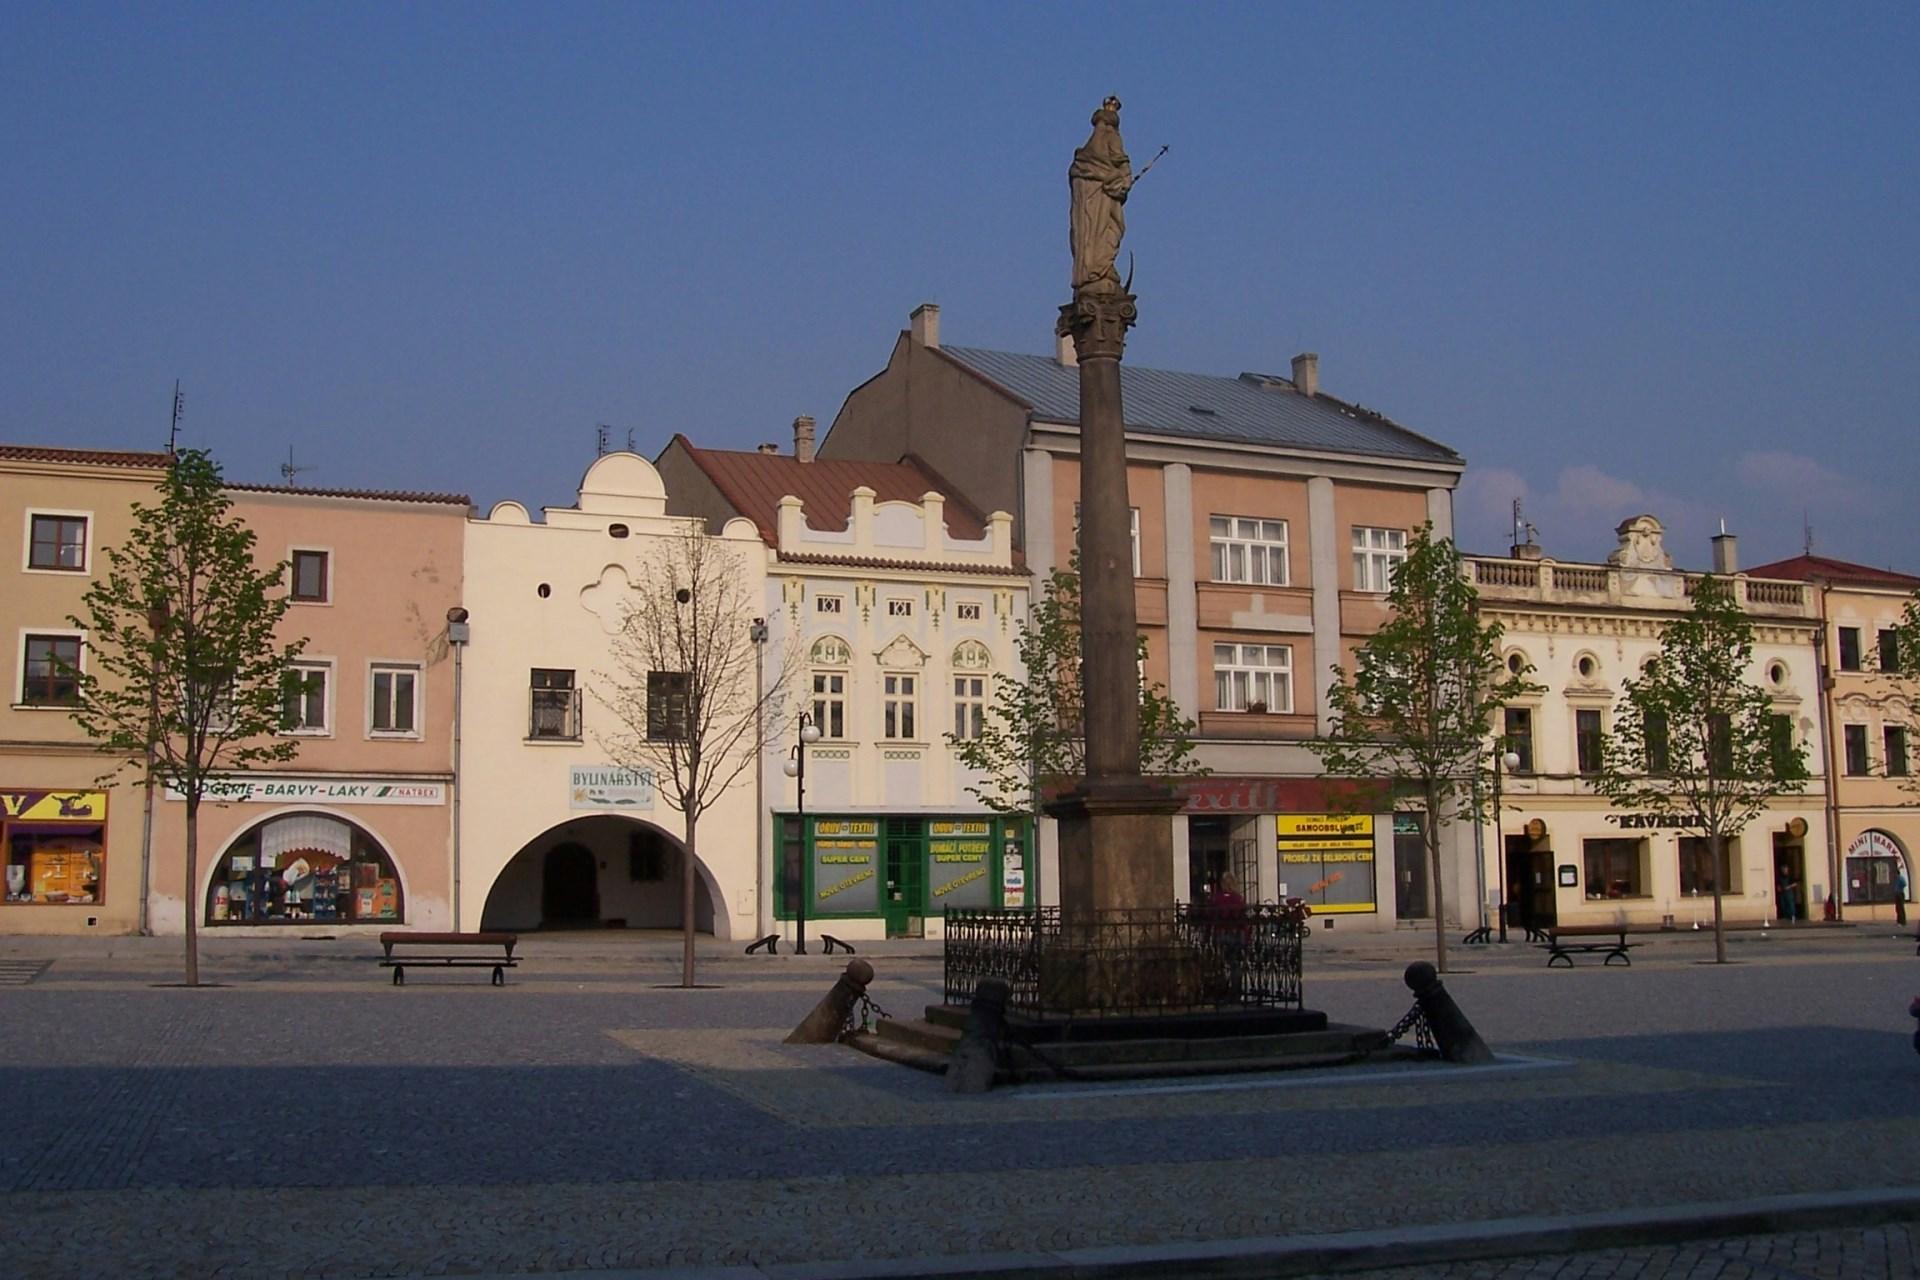 vyklízení v Lipníku nad Bečvou